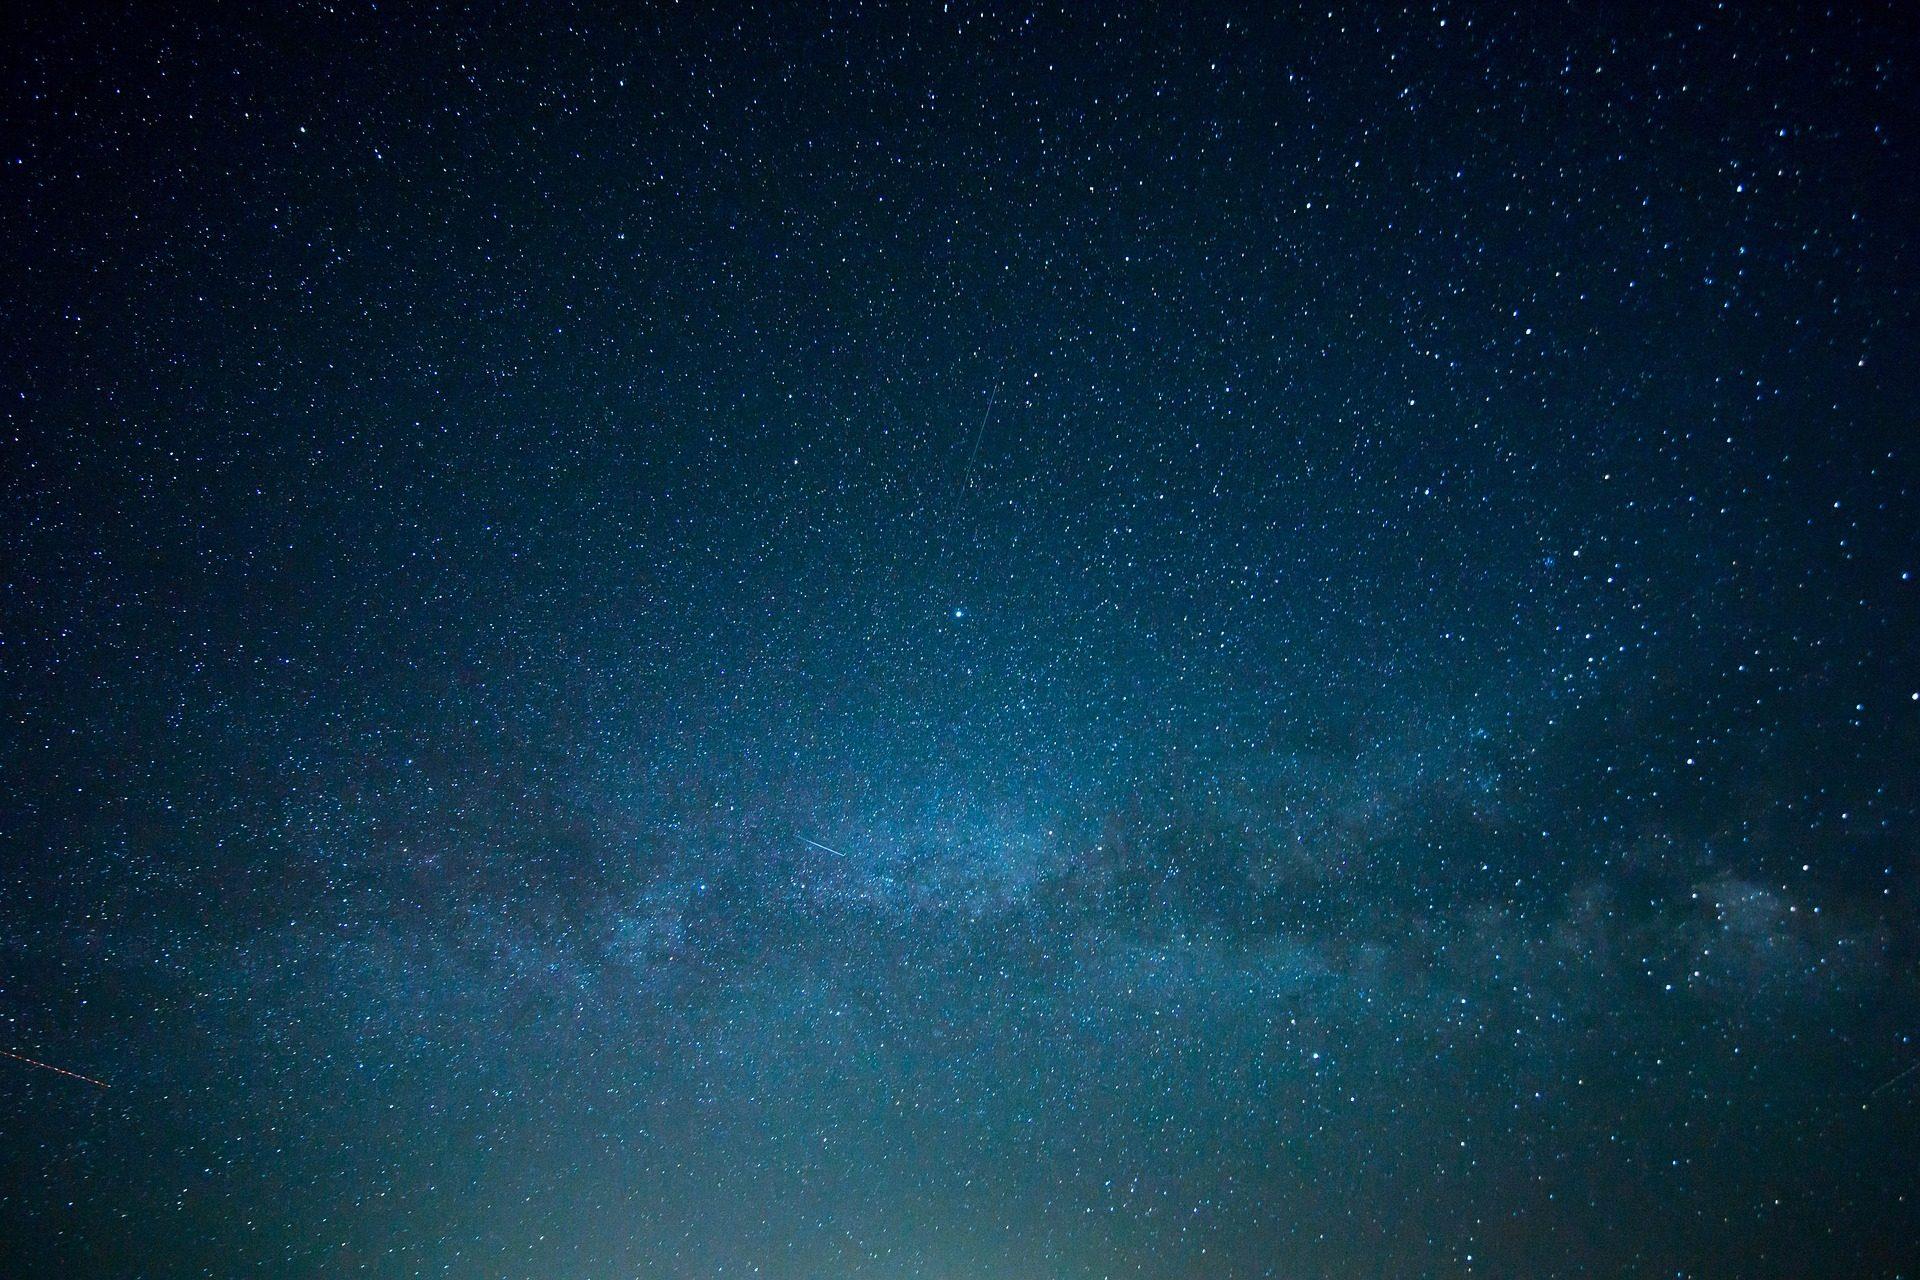 空, 夜, つ星, 大空, 宇宙 - HD の壁紙 - 教授-falken.com